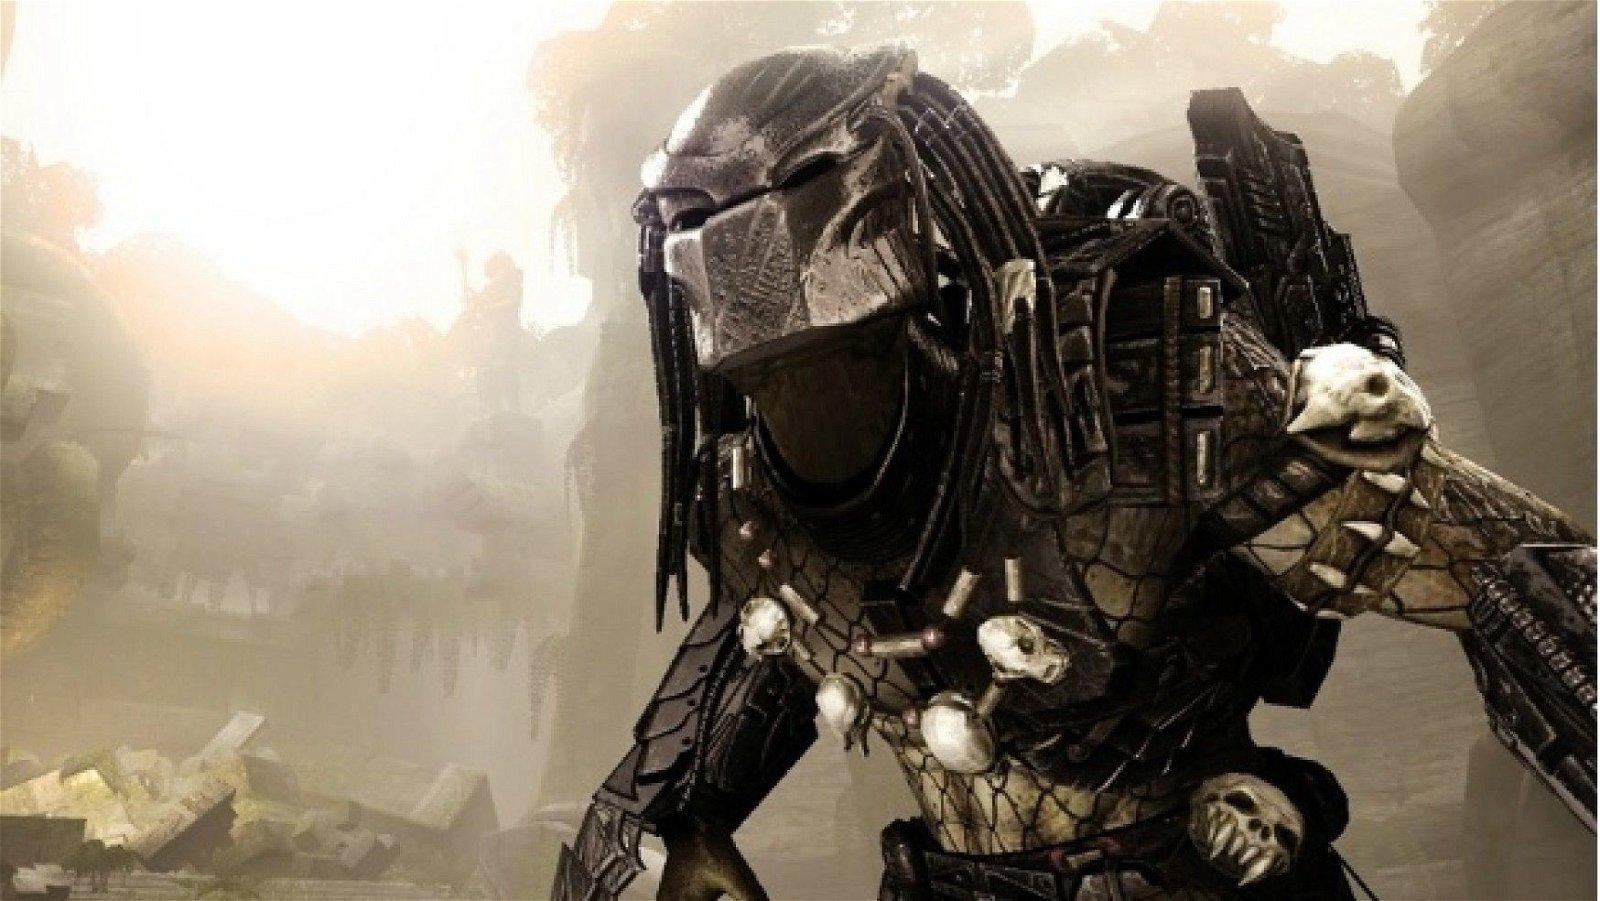 El nuevo Predator tendrá un aspecto distinto al original